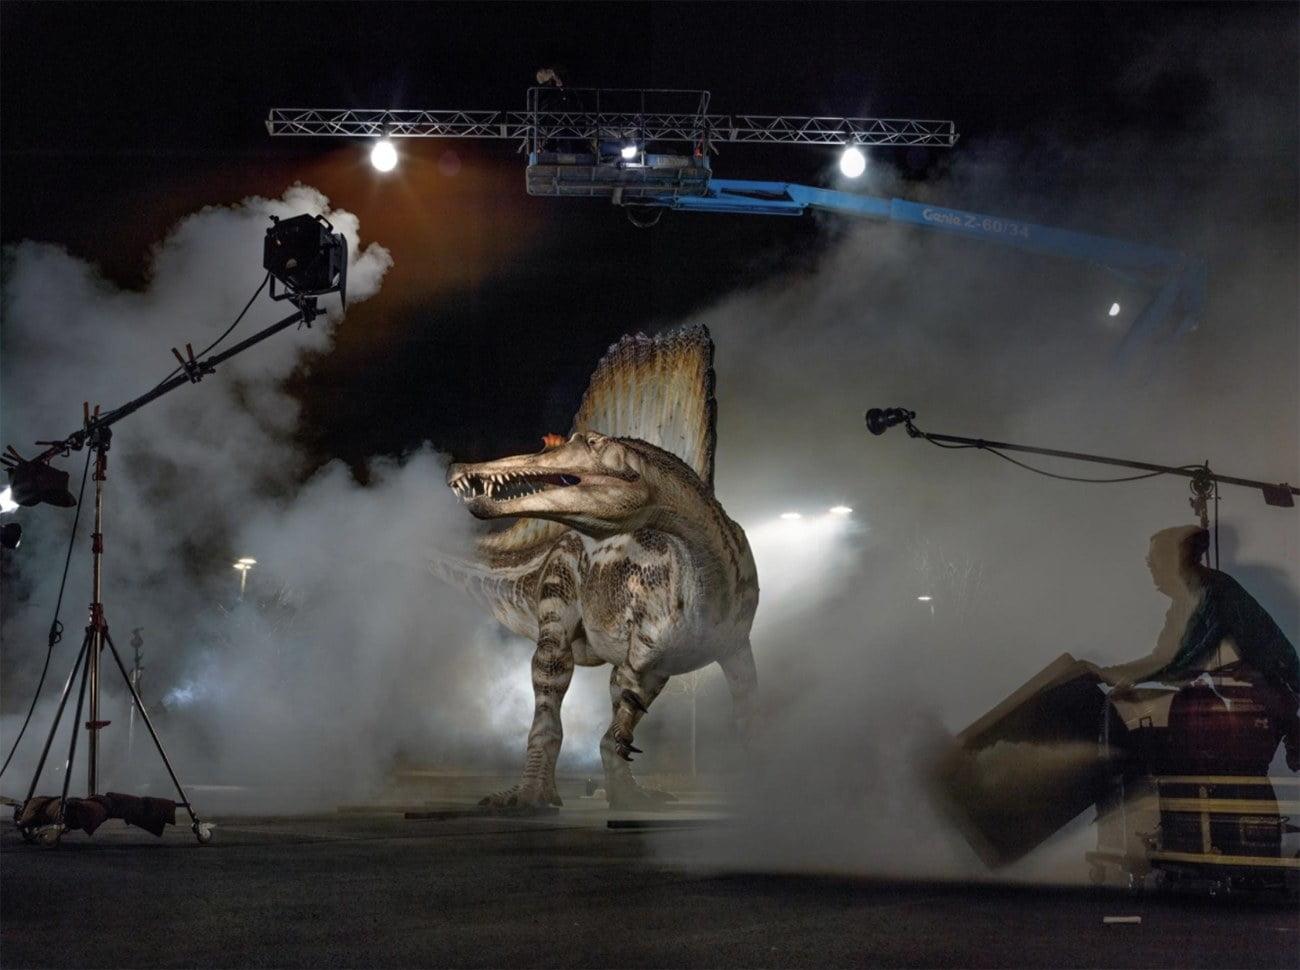 imagem de modelo do Espinossauro, um dinossauro